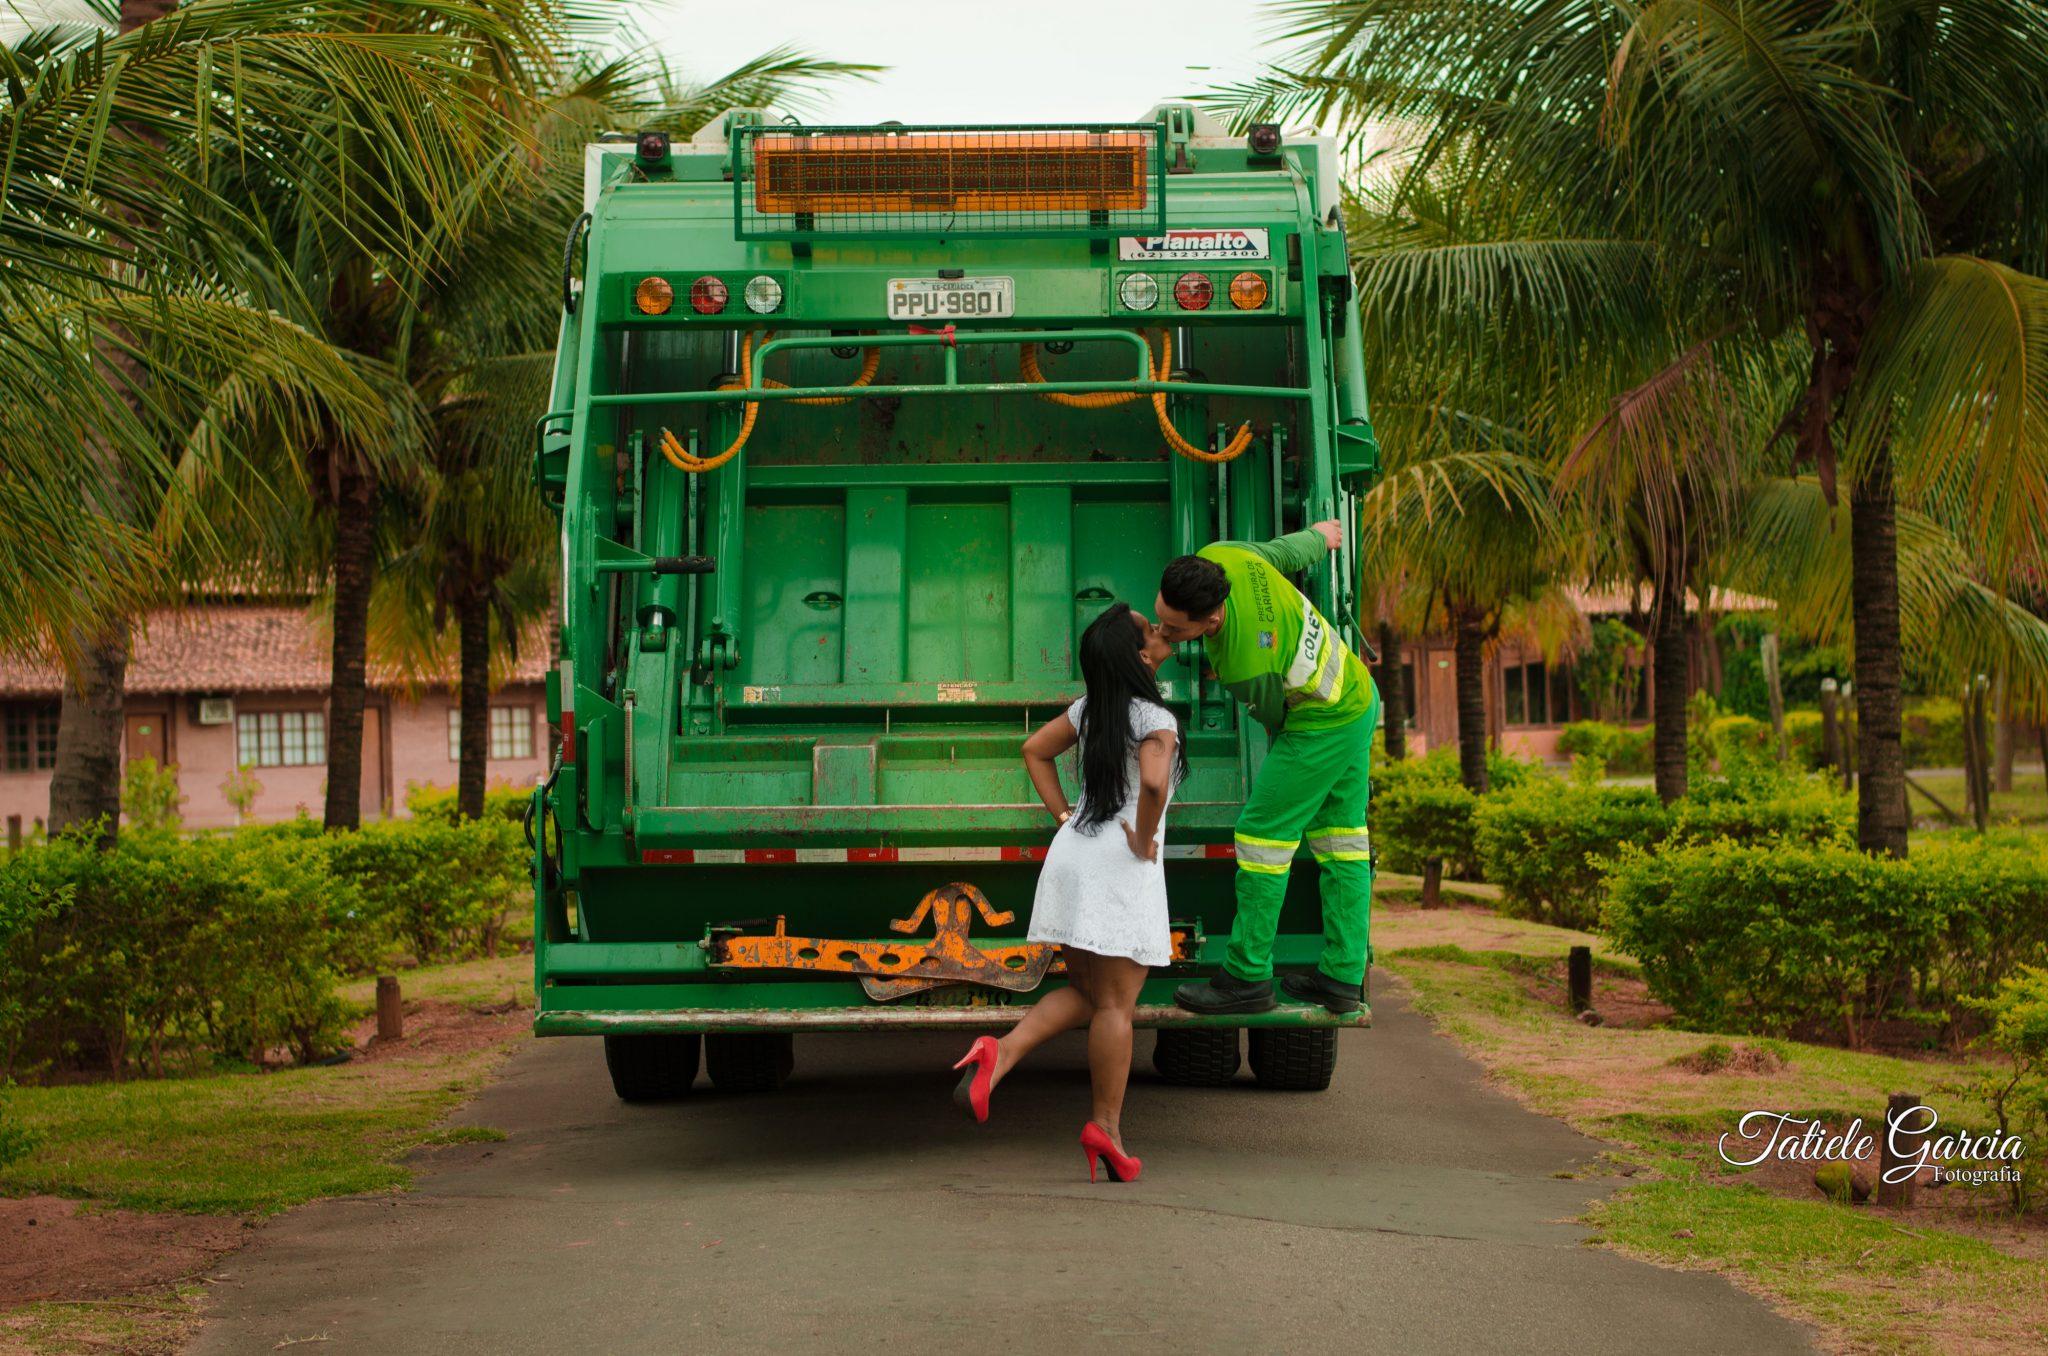 coletor de lixo em cima caminhão de lixo beijando noiva ensaio pré-casamento